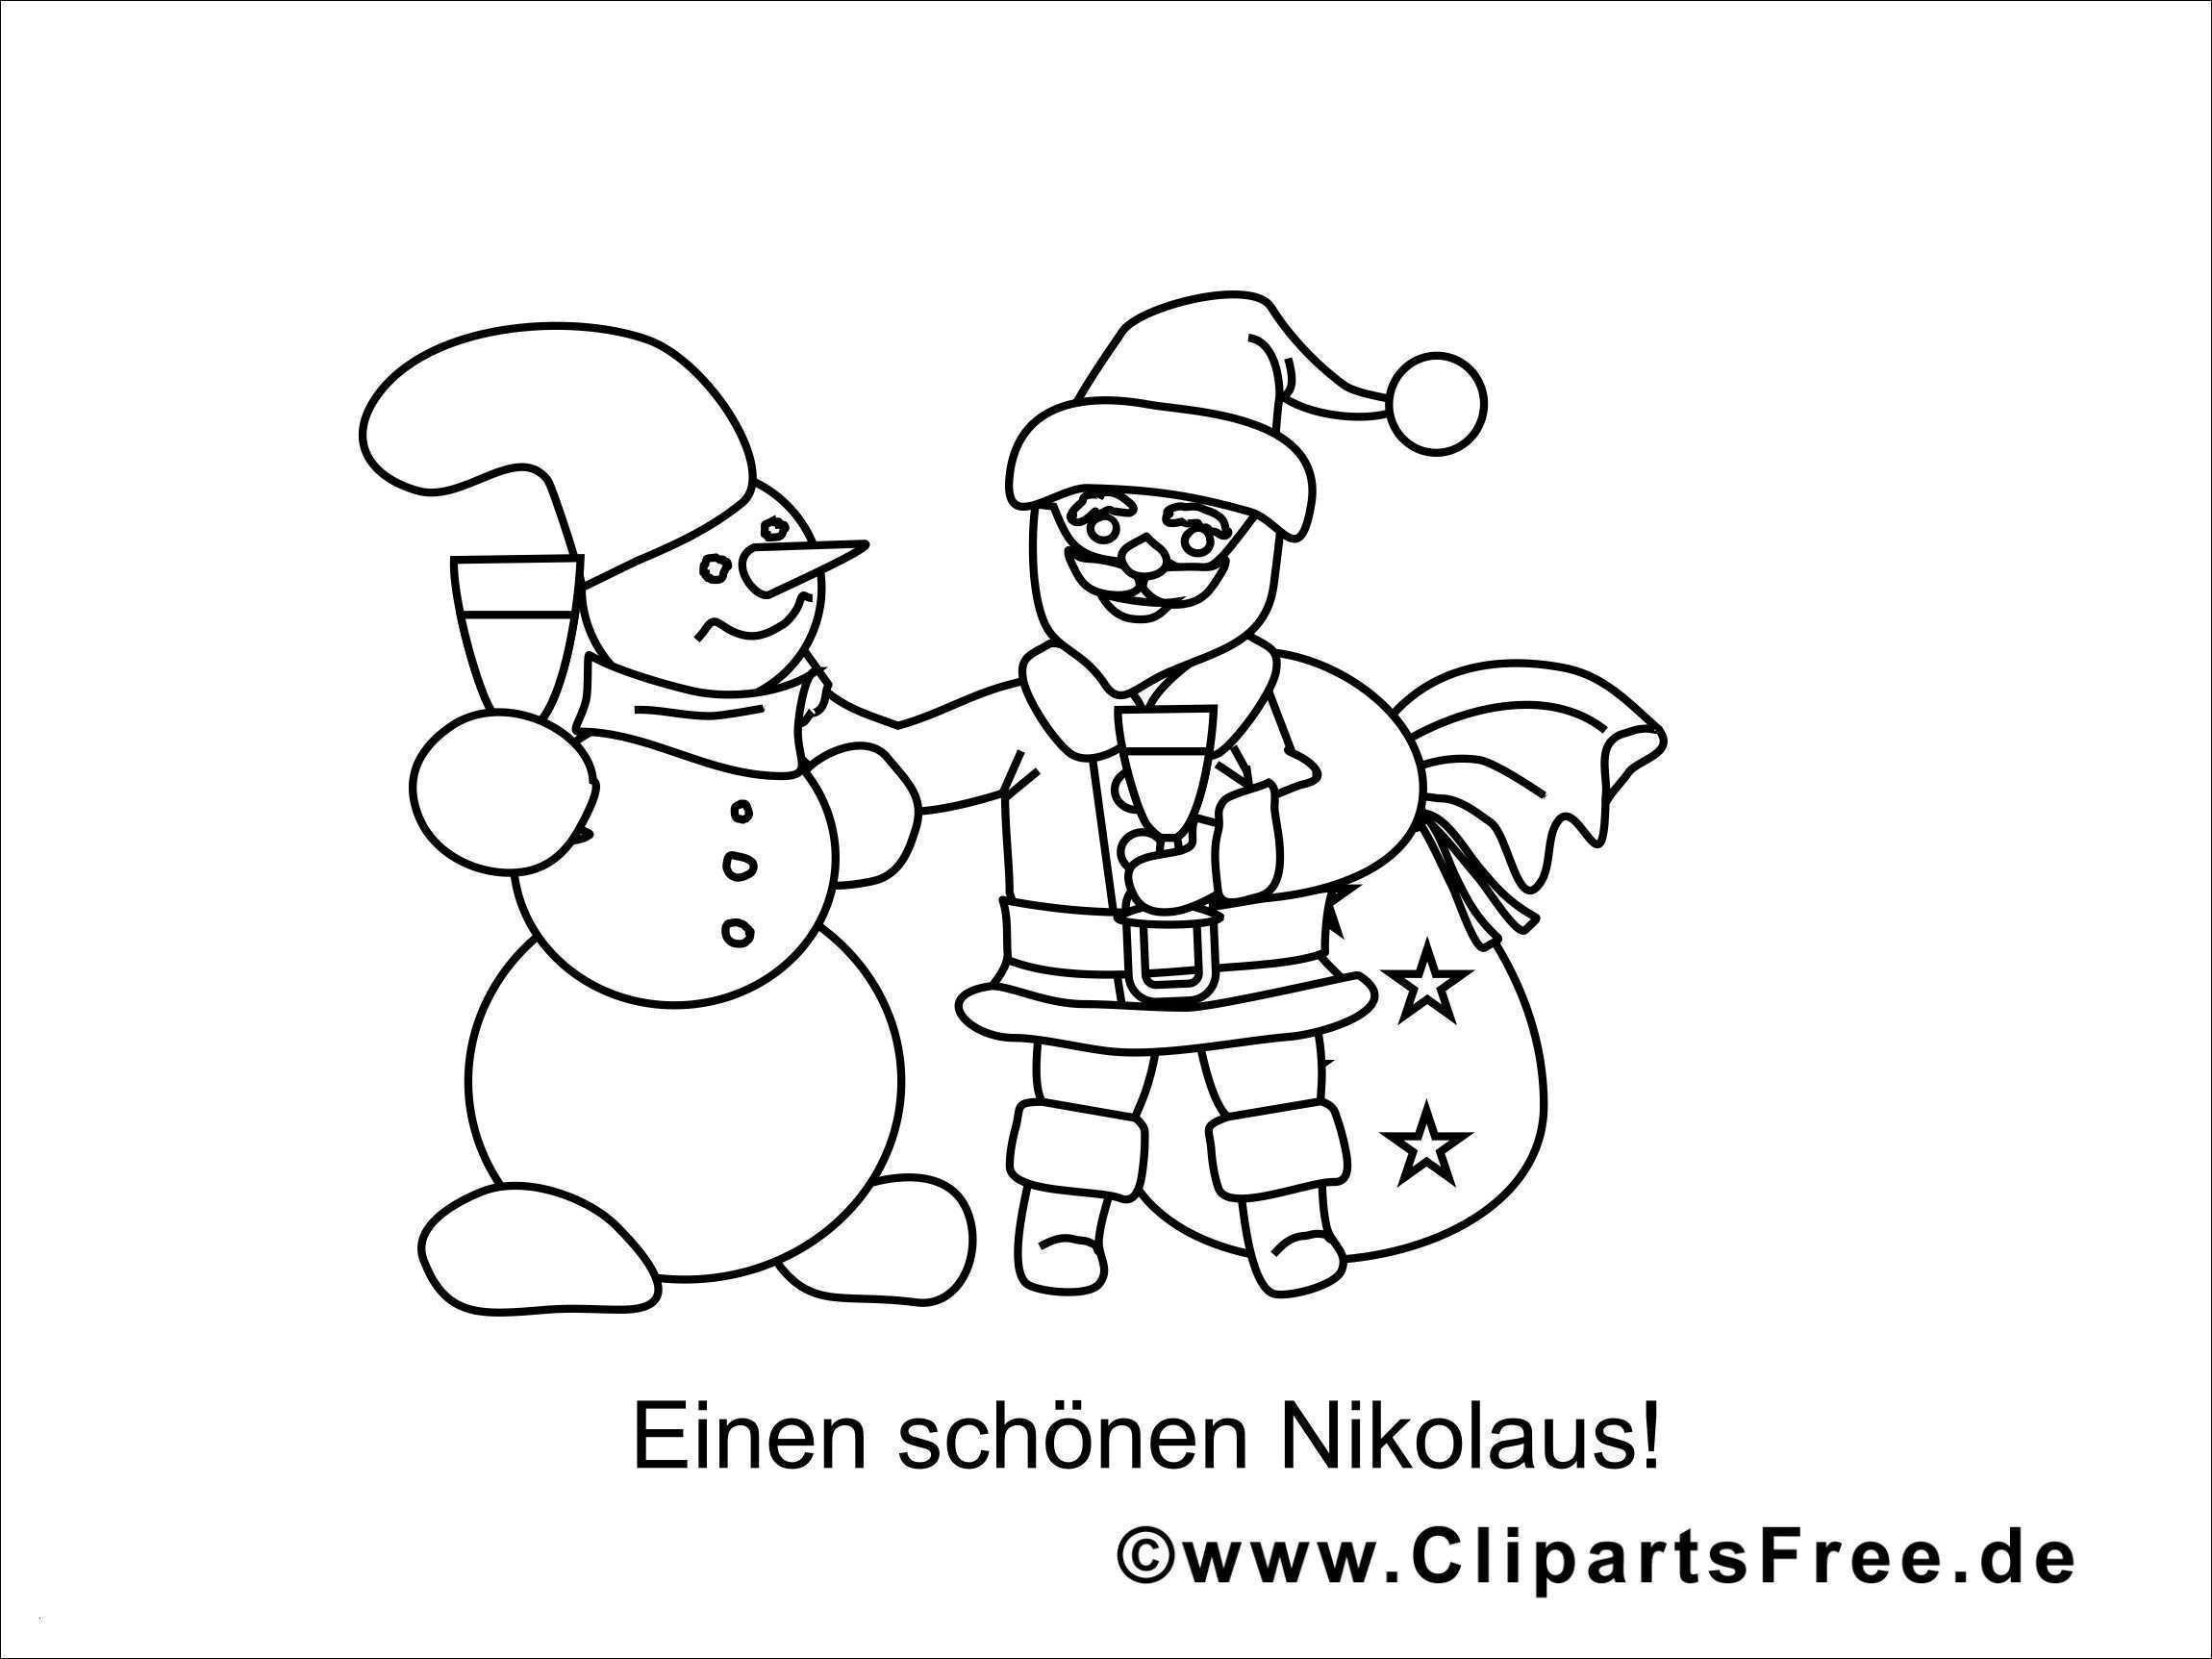 Malvorlagen Weihnachten Schneemann Inspirierend Polizeiauto Ausmalbild Aufnahme Ausmalbilder Sing Uploadertalk Bild